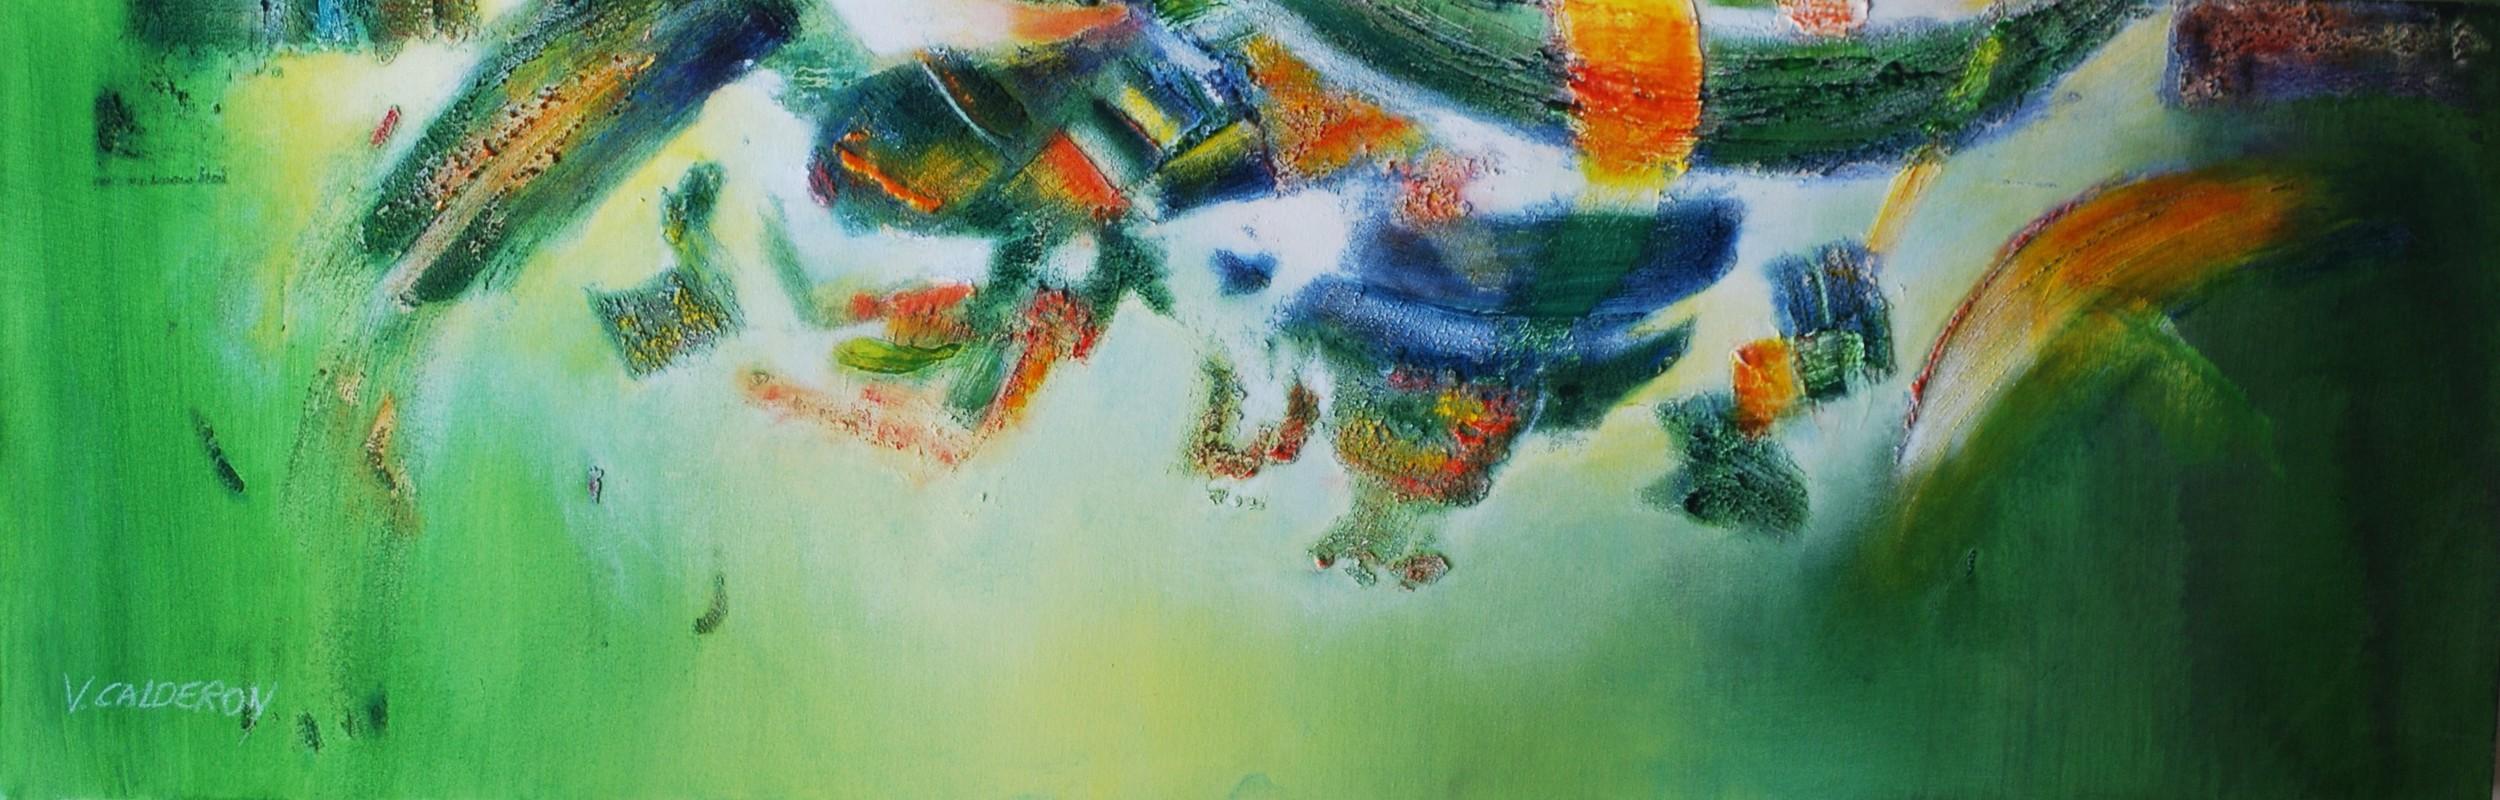 Anfitrión de Tierras II. 120 x 40 cm Sold / Vendido